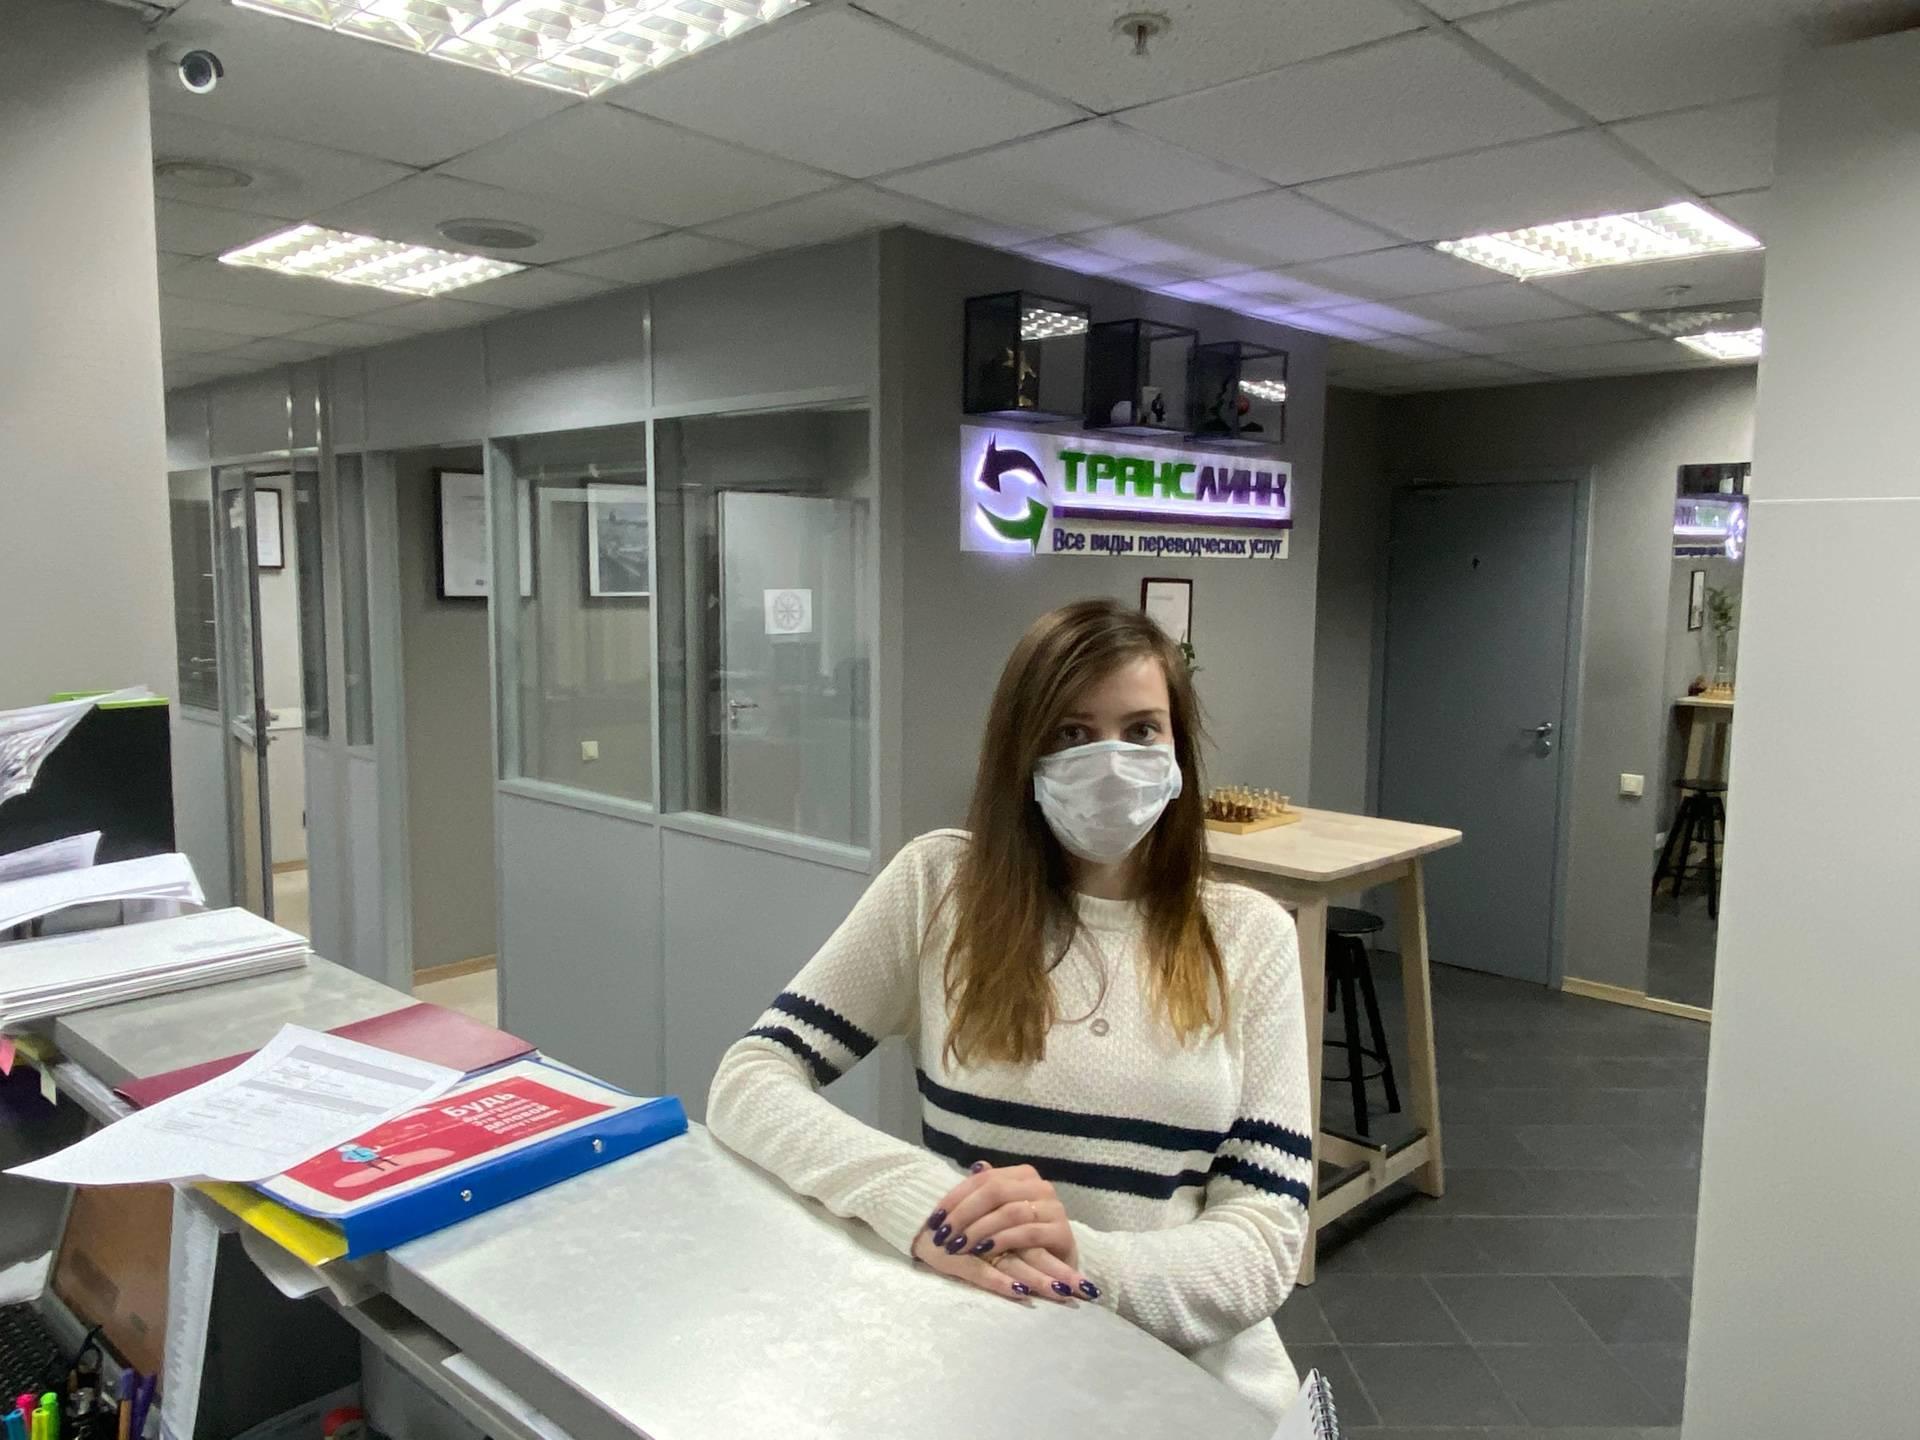 Коронабизнес: бизнес России предложил антивирусные услуги